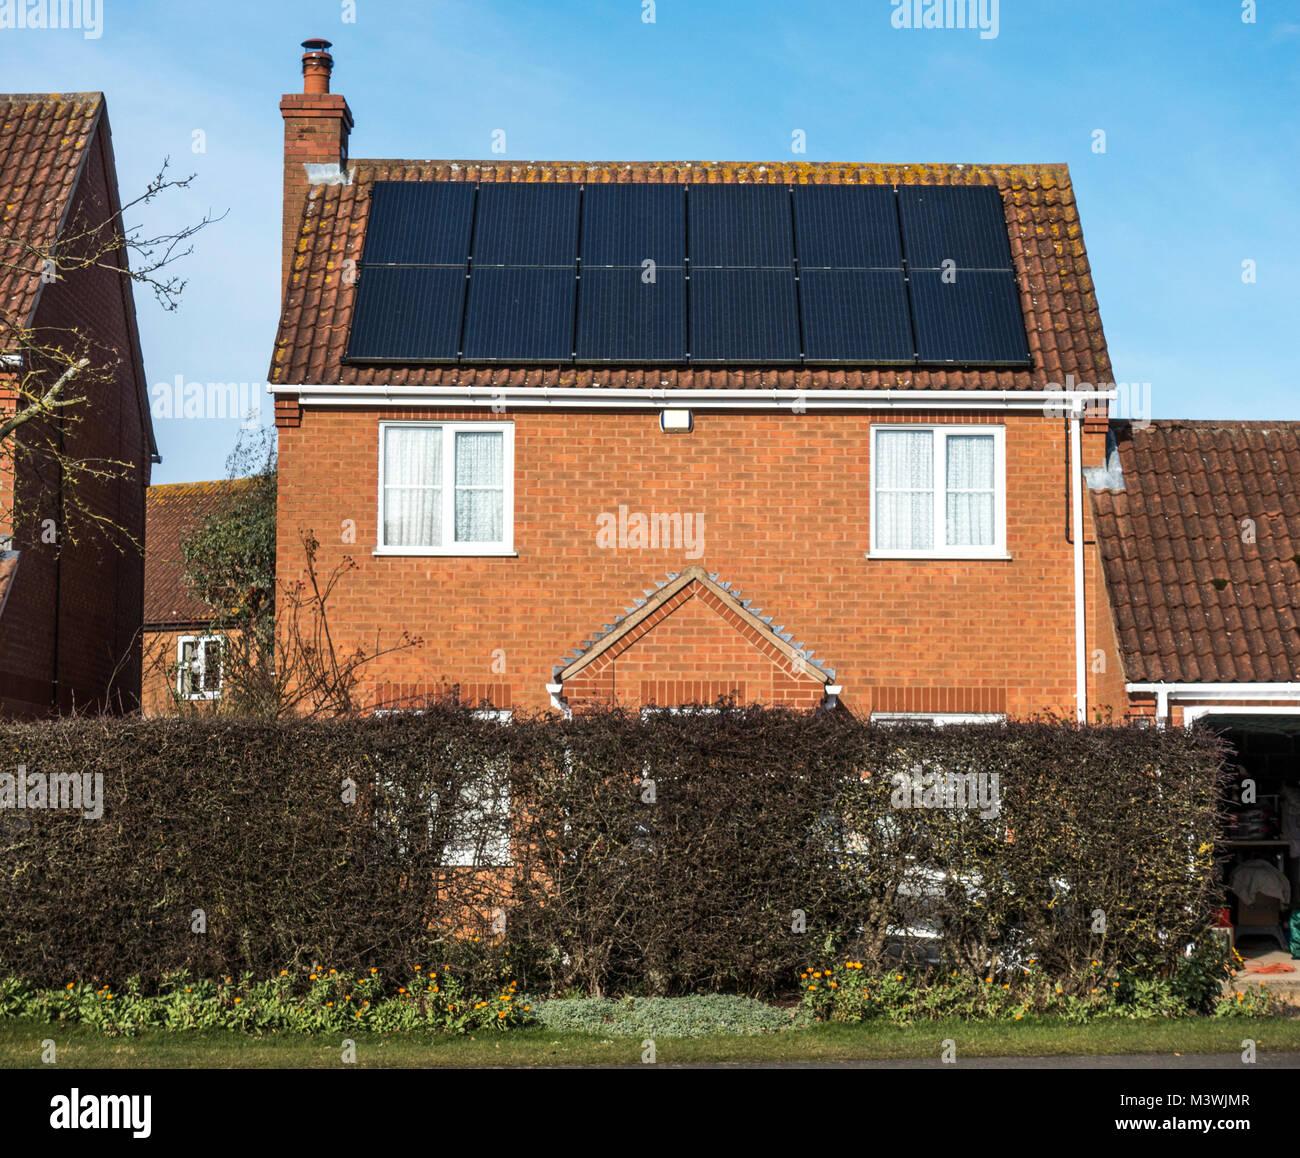 Solar Panels in direktem Sonnenlicht, der warf/abfallenden Dach eines modernen Einfamilienhauses angebracht. Langtoft, Stockbild